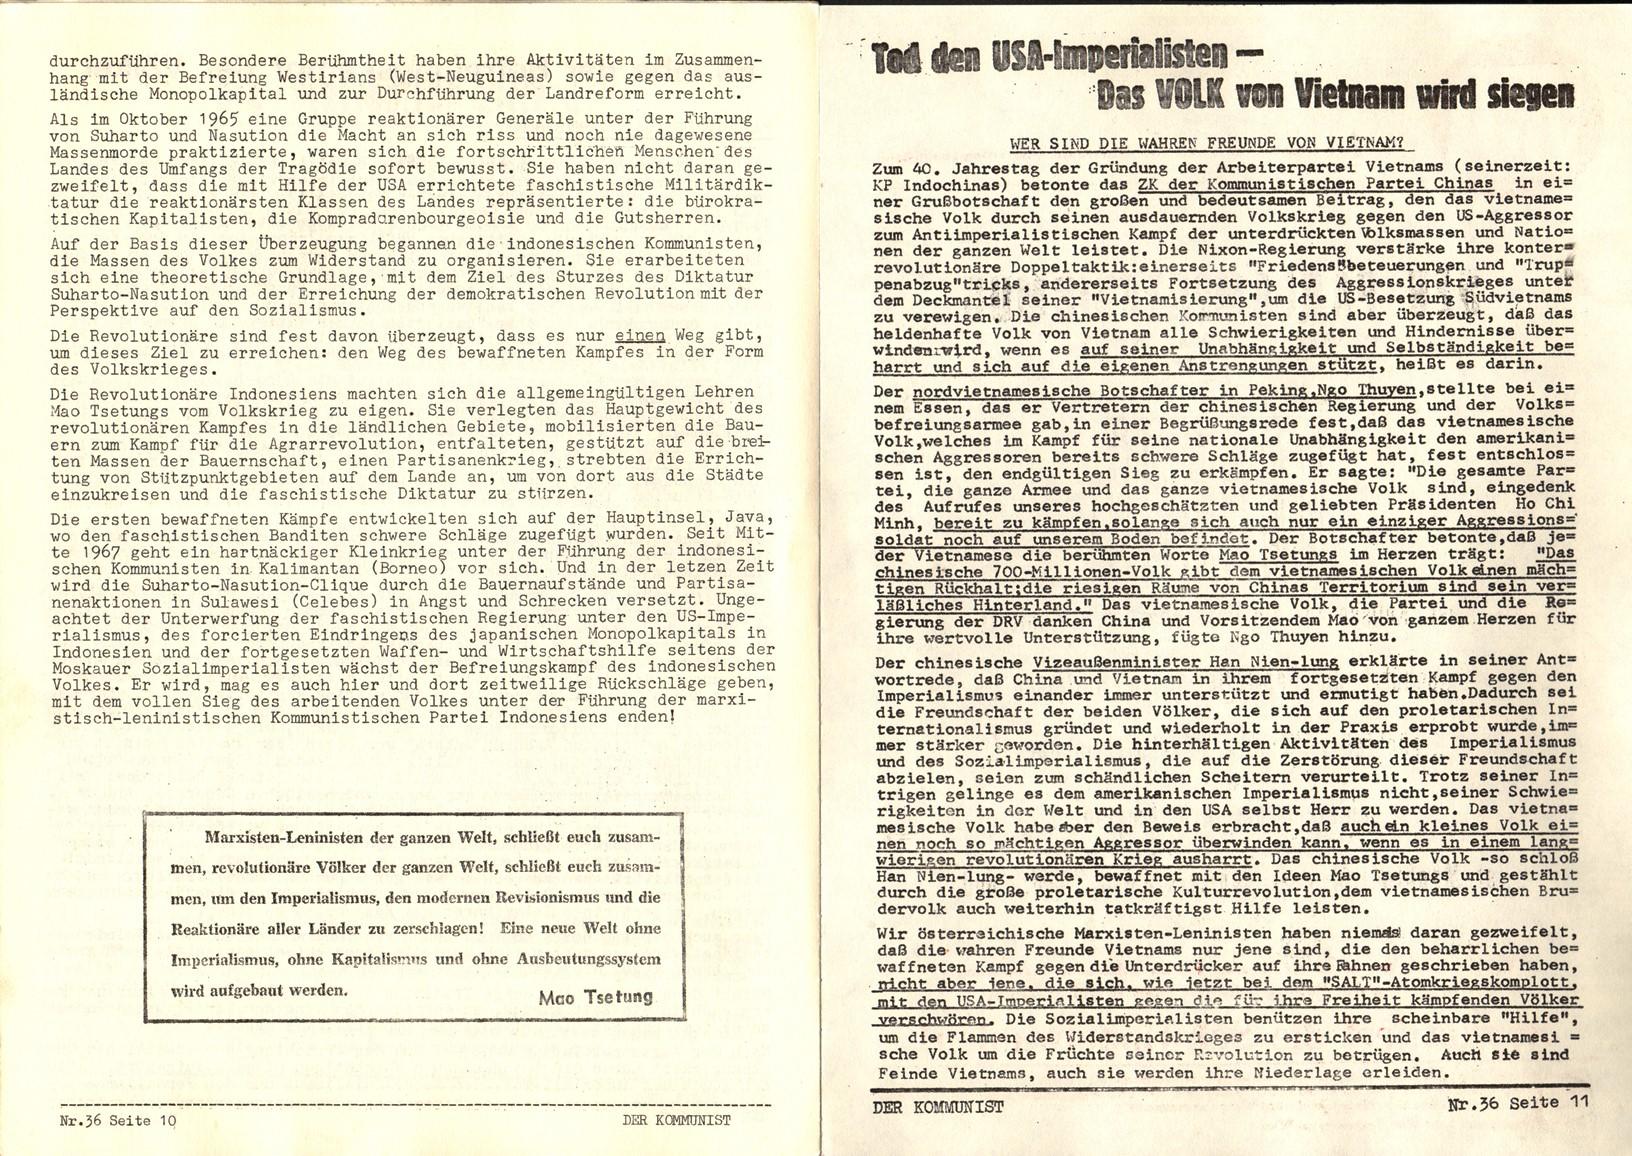 VRA_Der_Kommunist_19700200_06